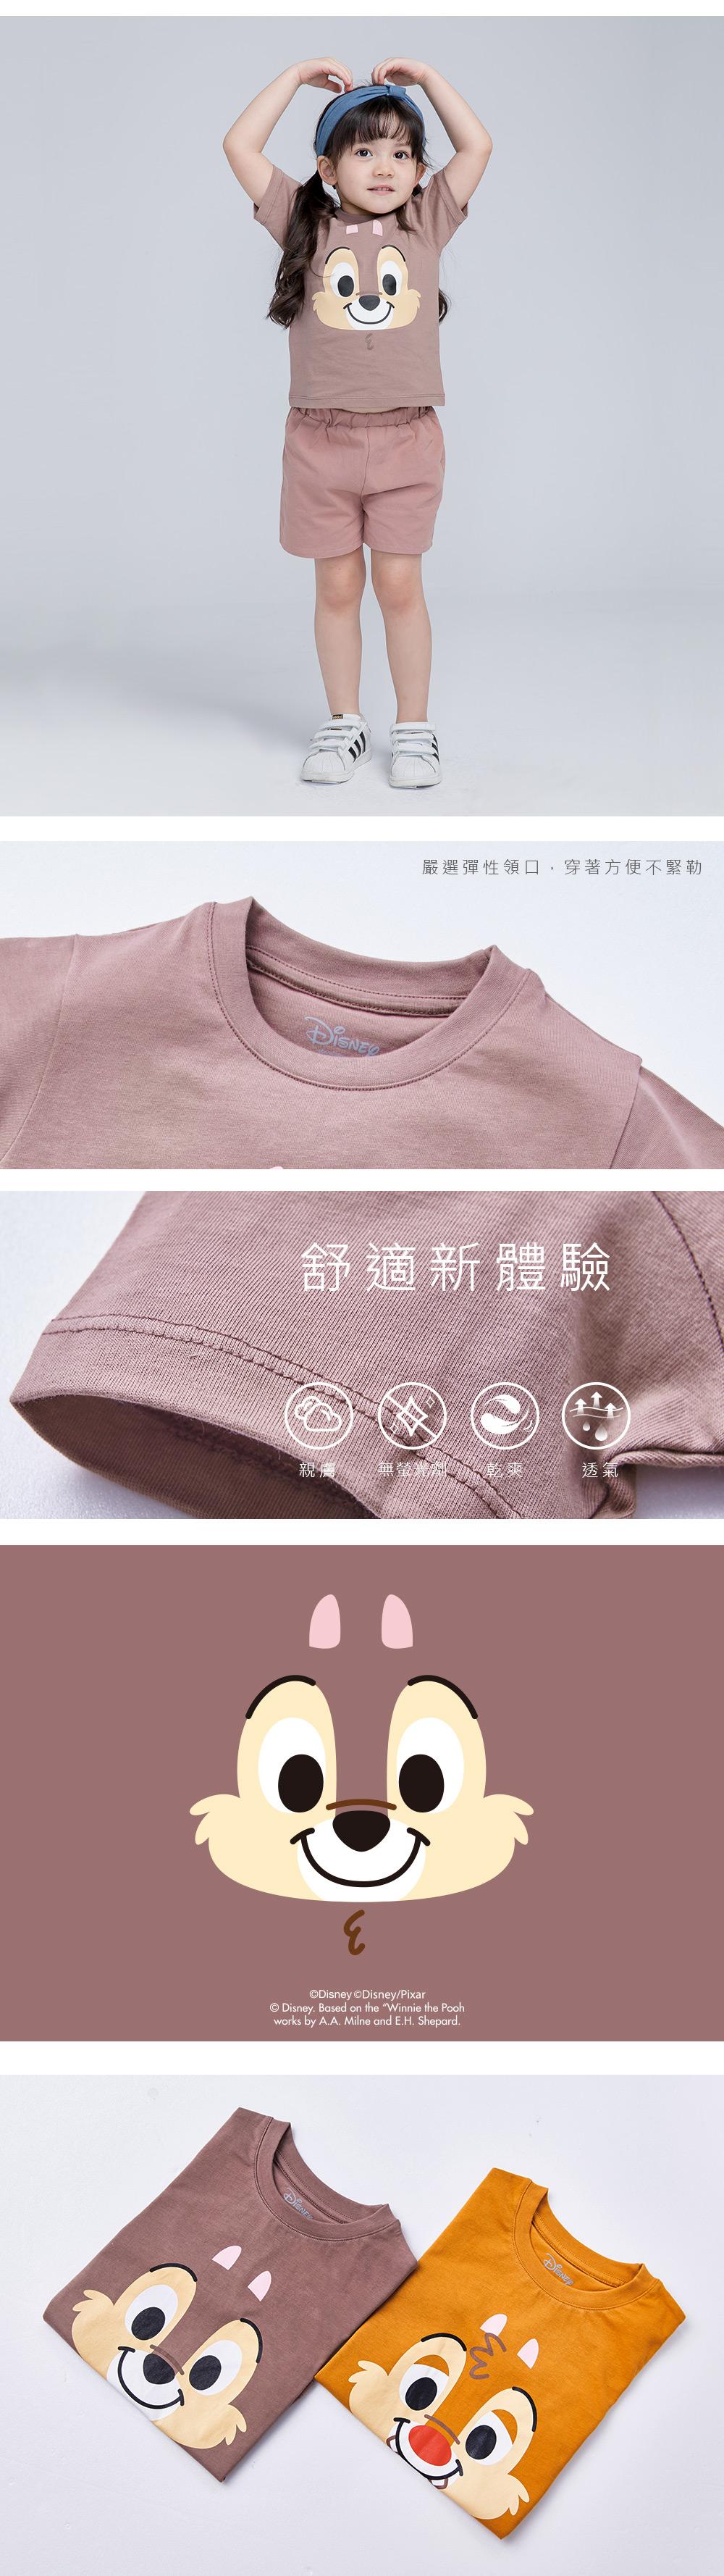 奇奇與蒂蒂系列短袖上衣(童)-01